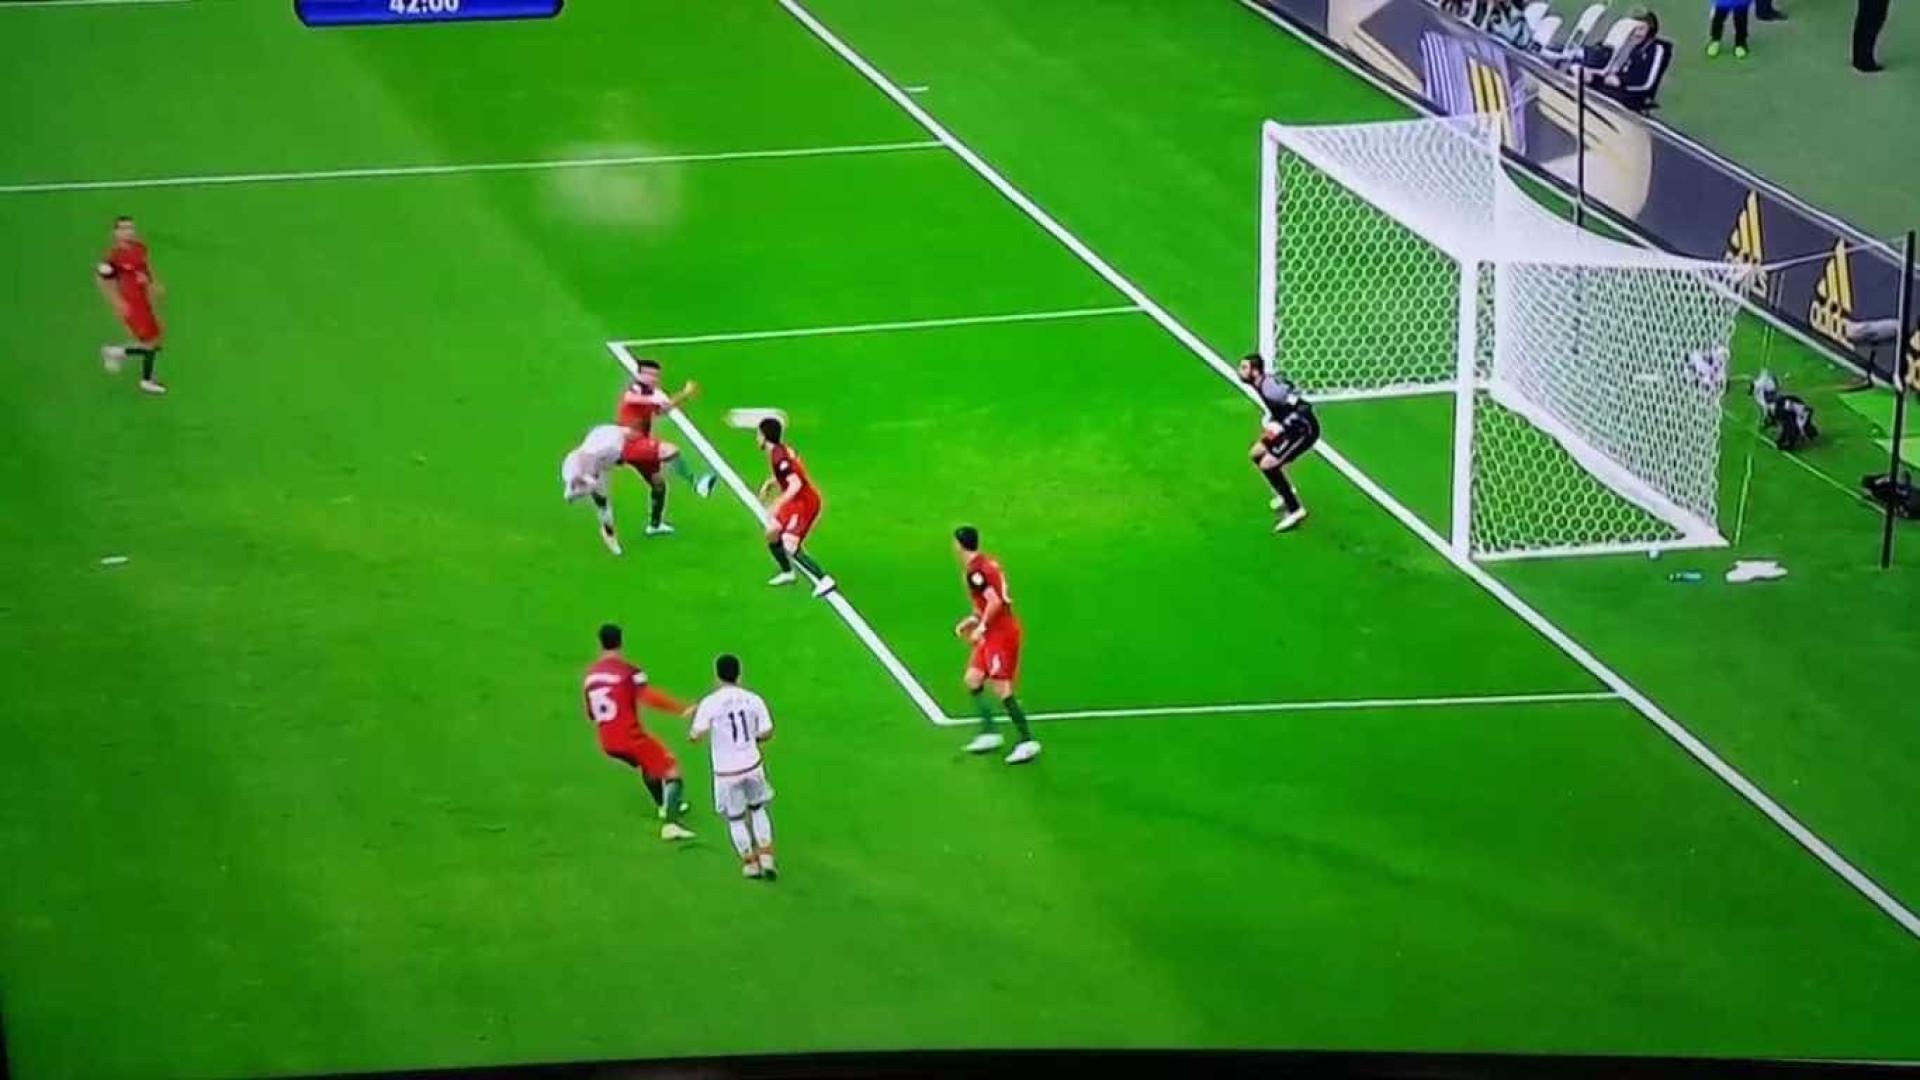 Chicharito 'congela' defensiva portuguesa e iguala a partida